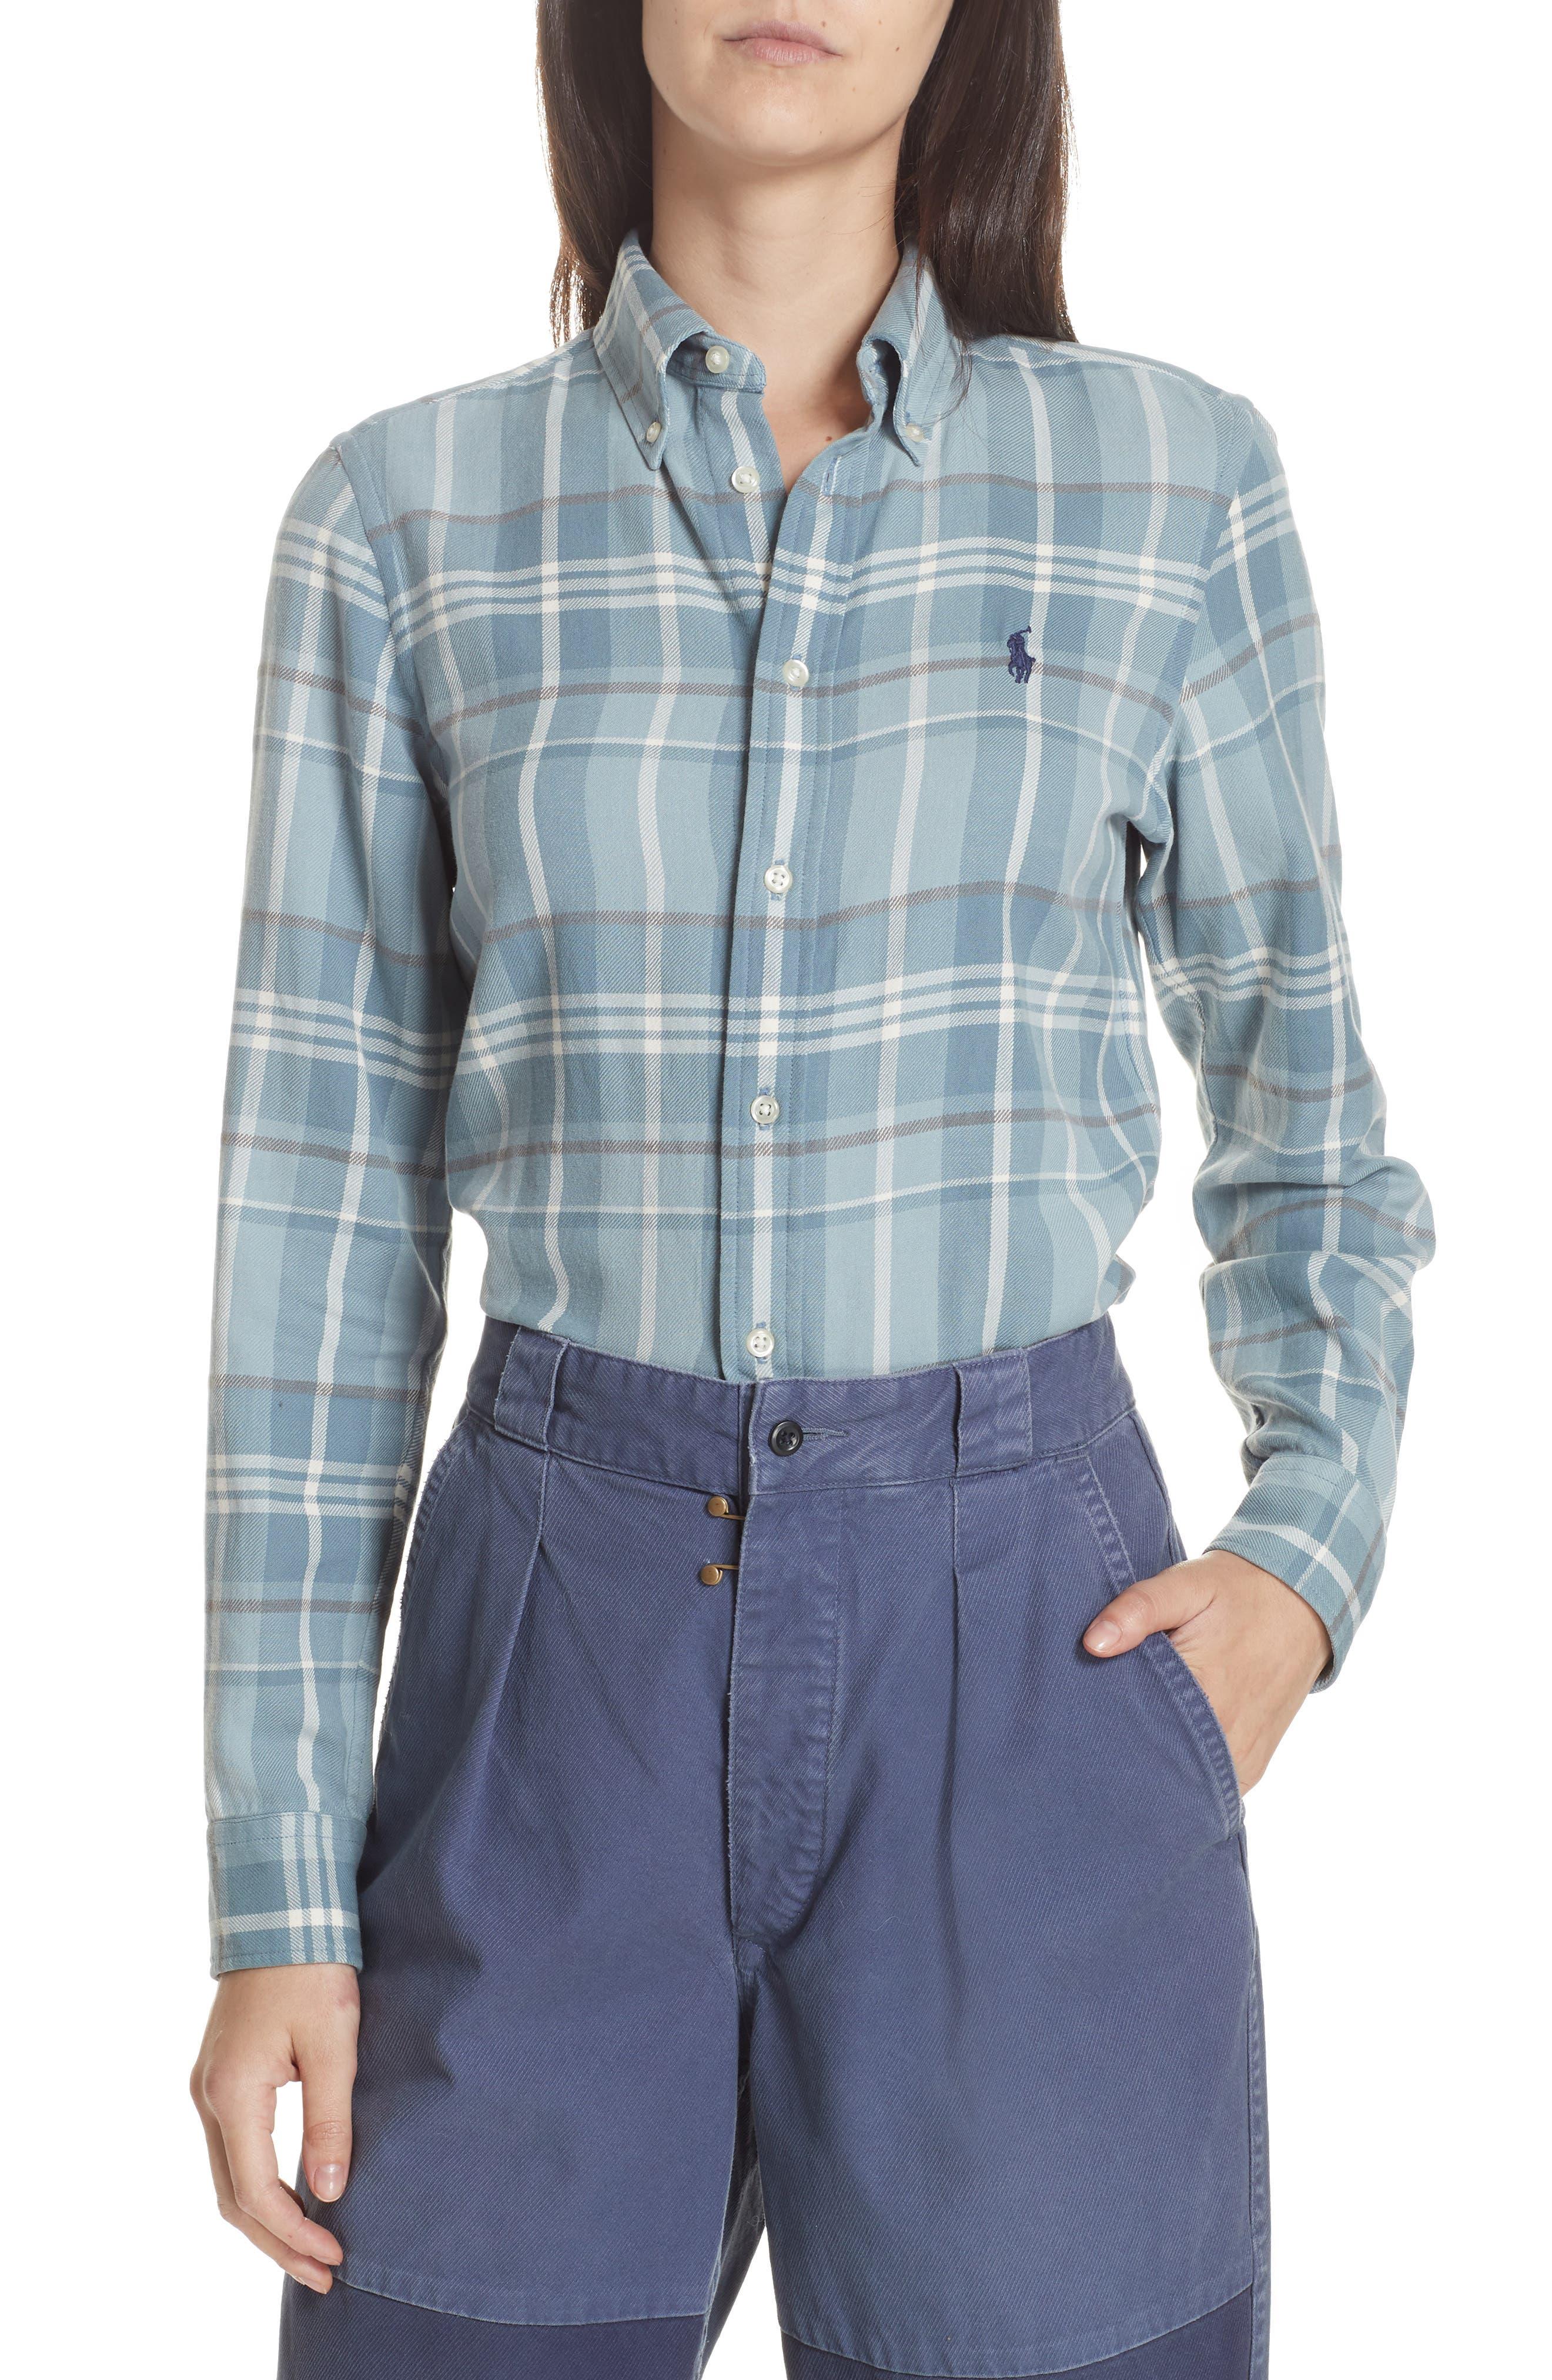 9e4d069079 ... coupon for polo ralph lauren logo plaid shirt c2c1a 65ad4